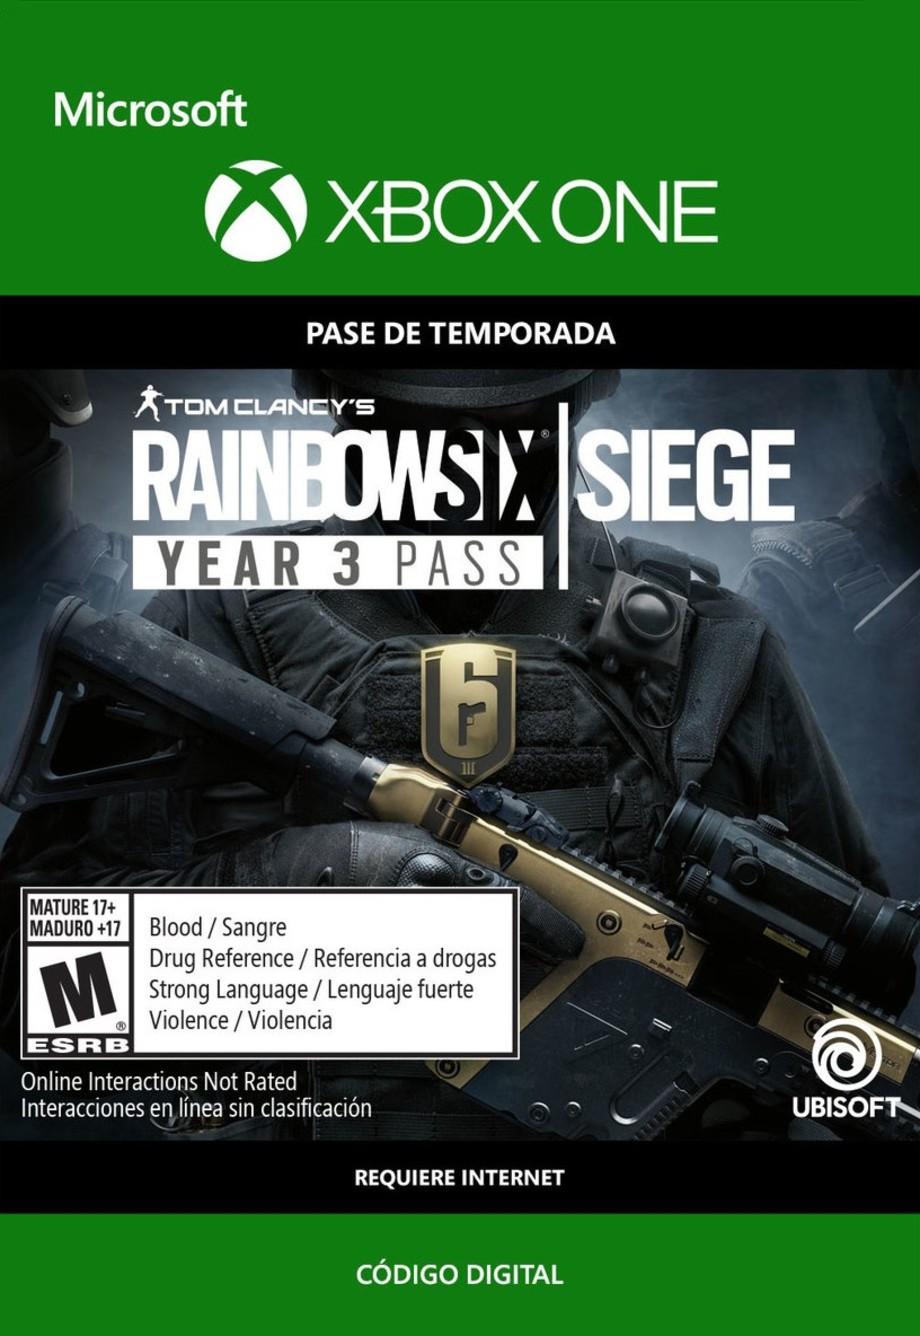 Tom Clancy's Rainbow Six: Siege Year 3 Pass